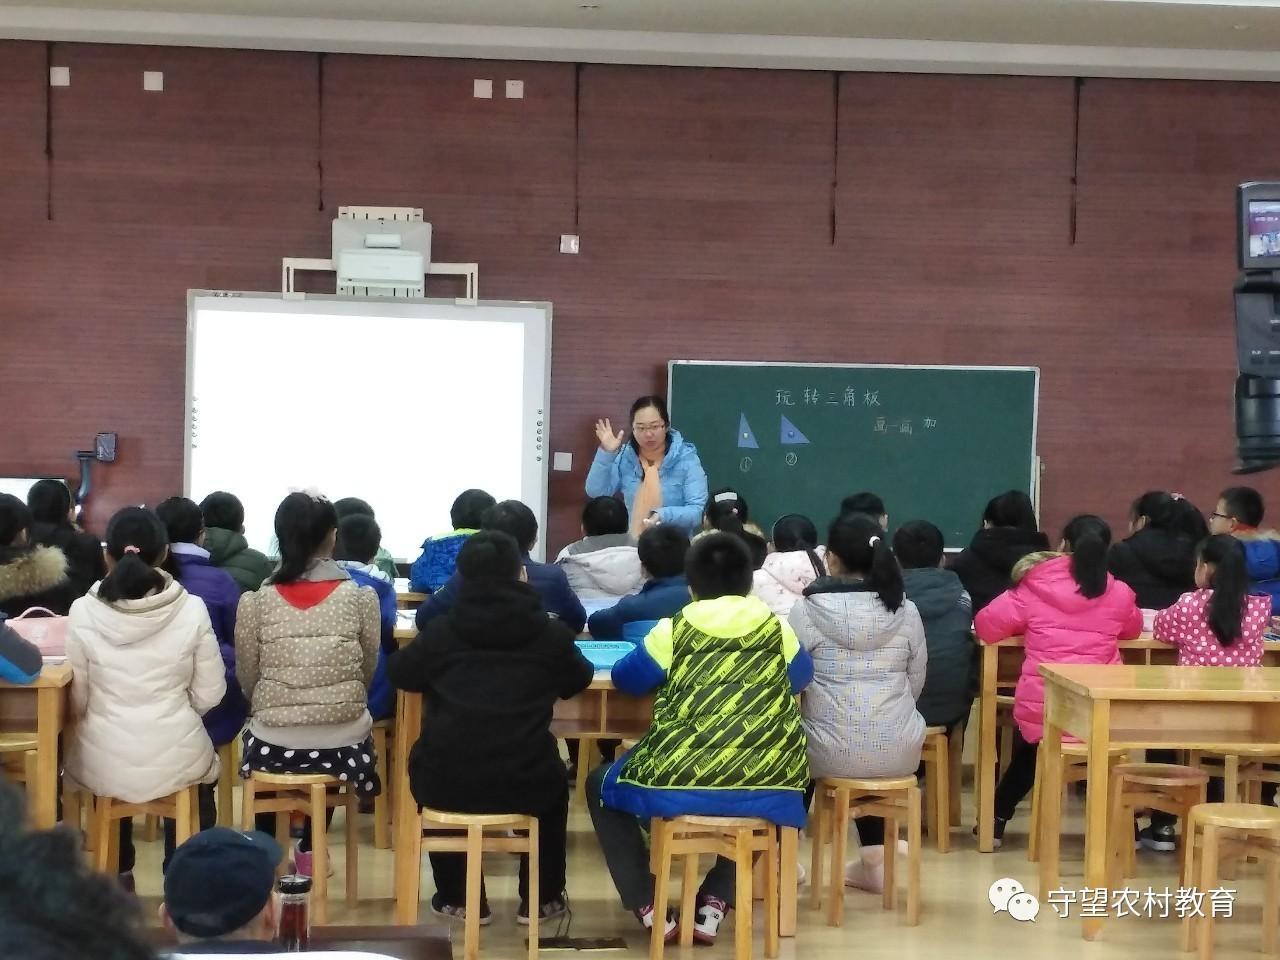 小学数学工作室_殷桥小学数学教师赴武进区学习数学实验课教学